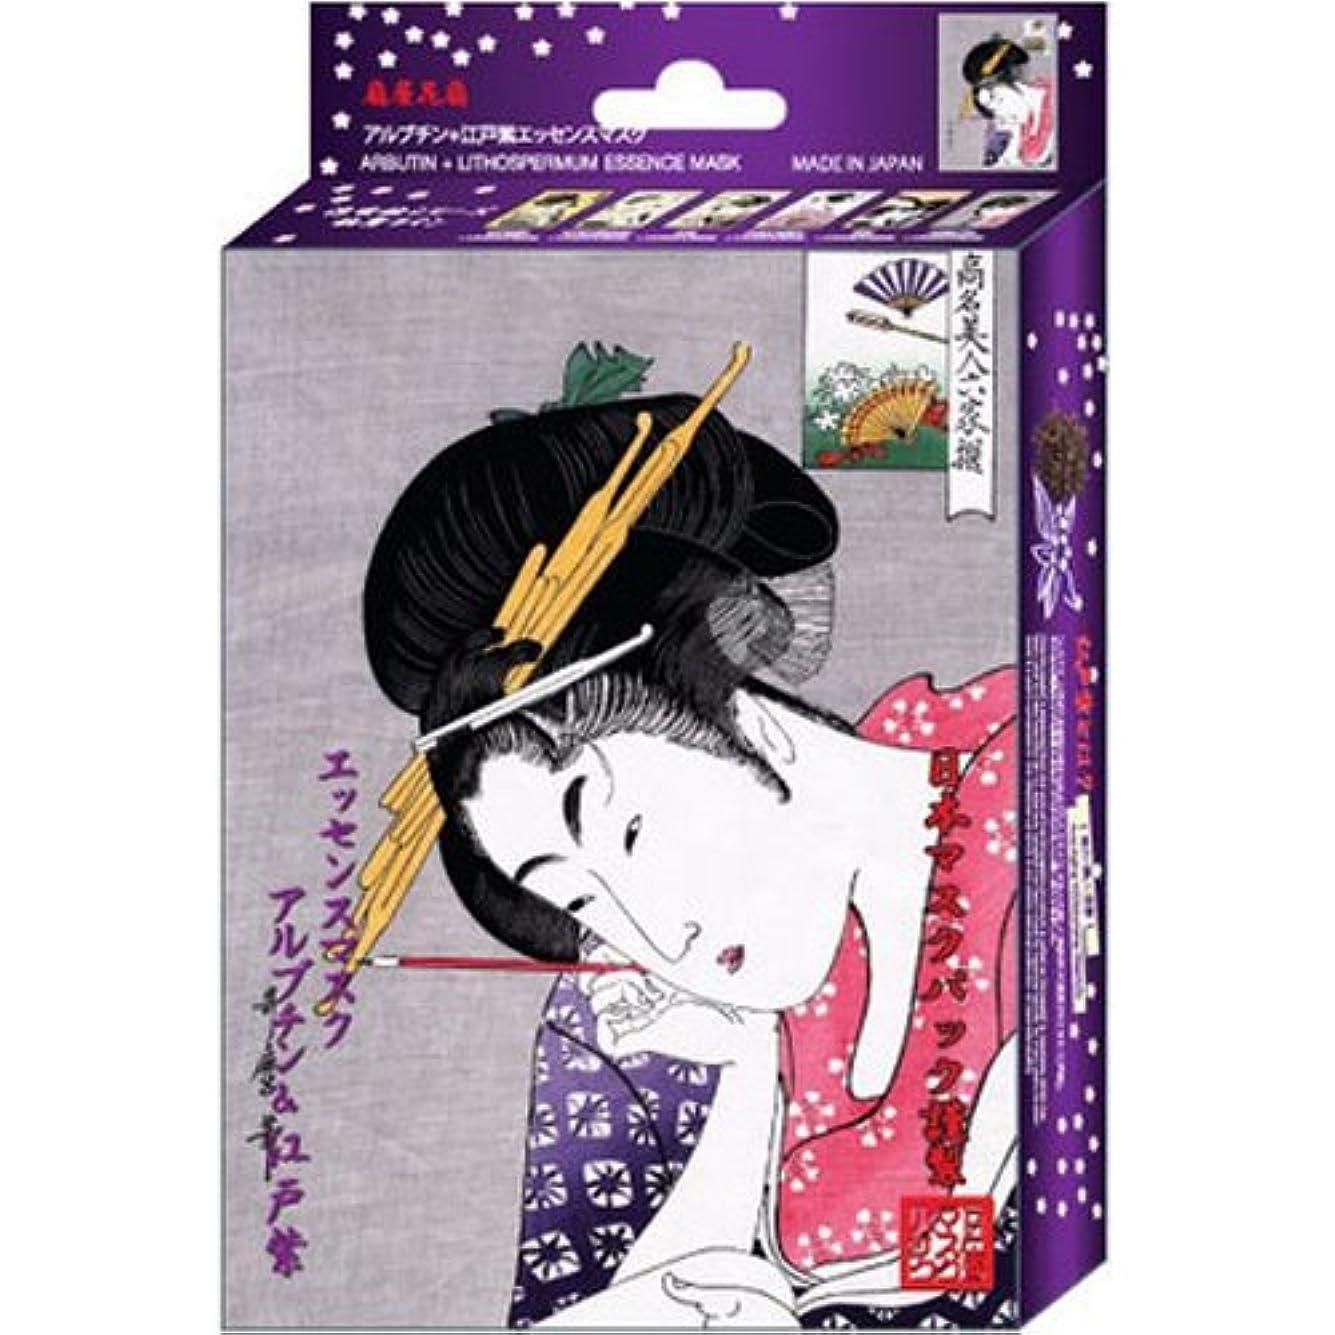 先にグレートオーク空虚浮世絵シリーズ 歌麿ライン エッセンスマスク アルブチン+江戸紫 (10枚入)